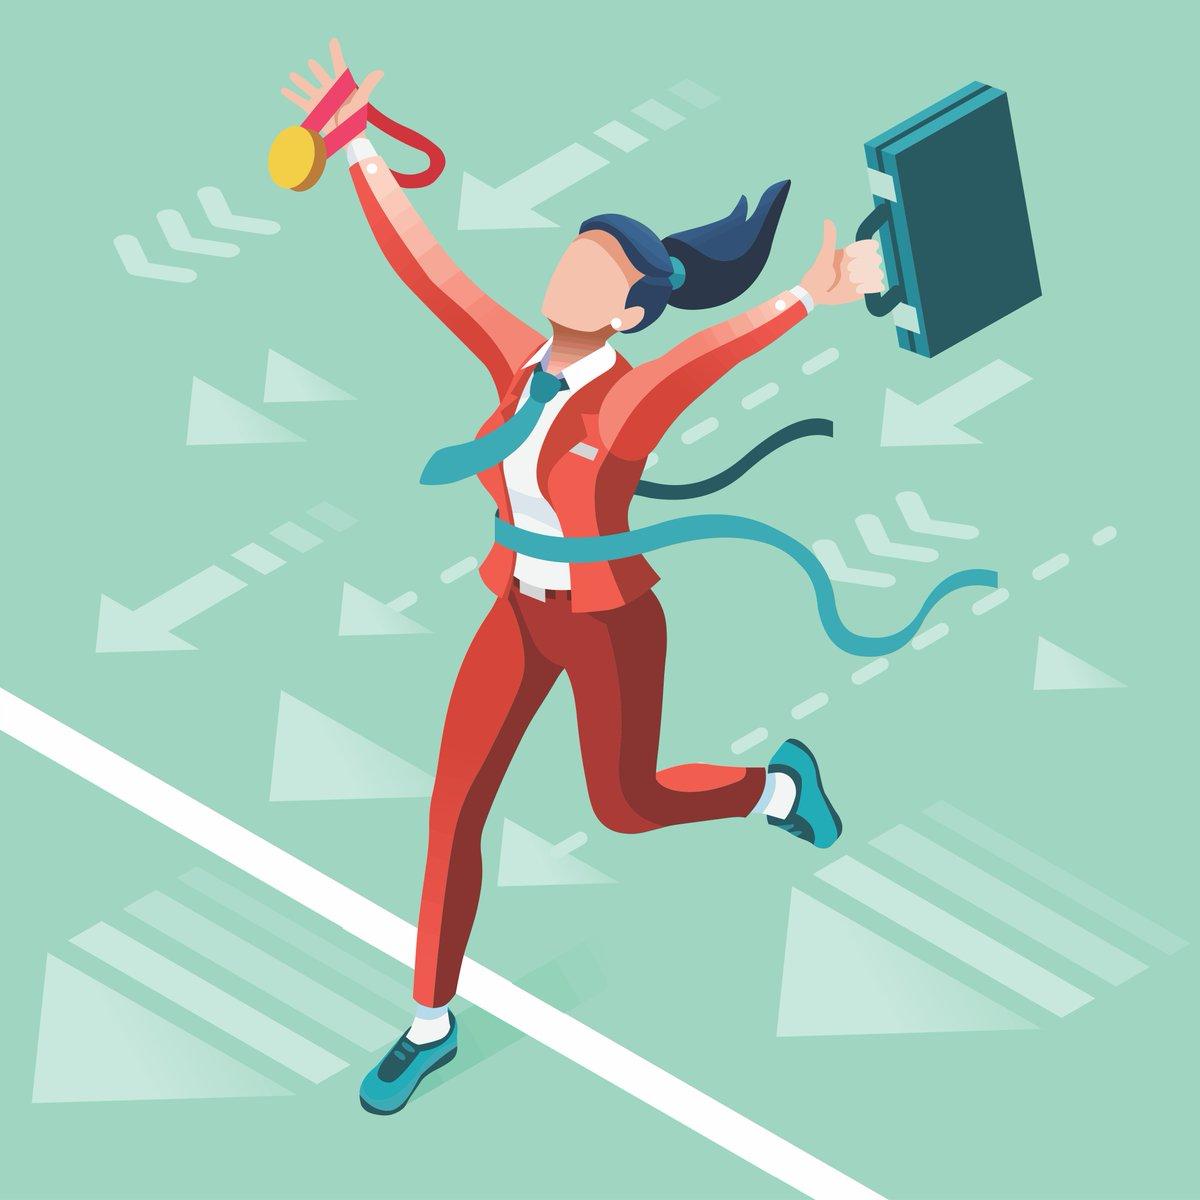 metas para motivar os colaboradores